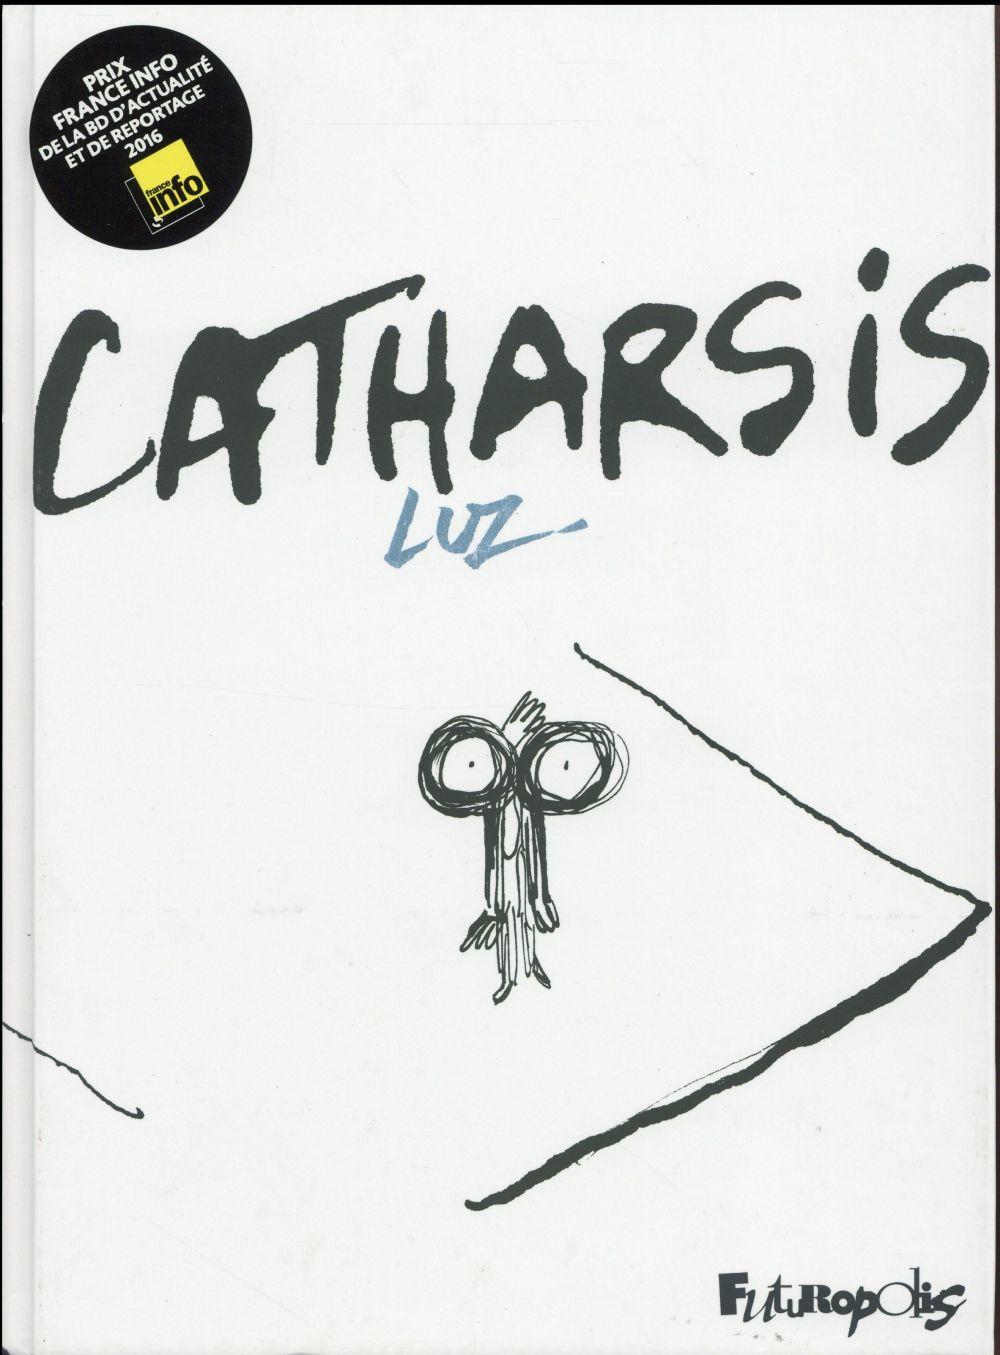 CATHARSIS Luz Futuropolis